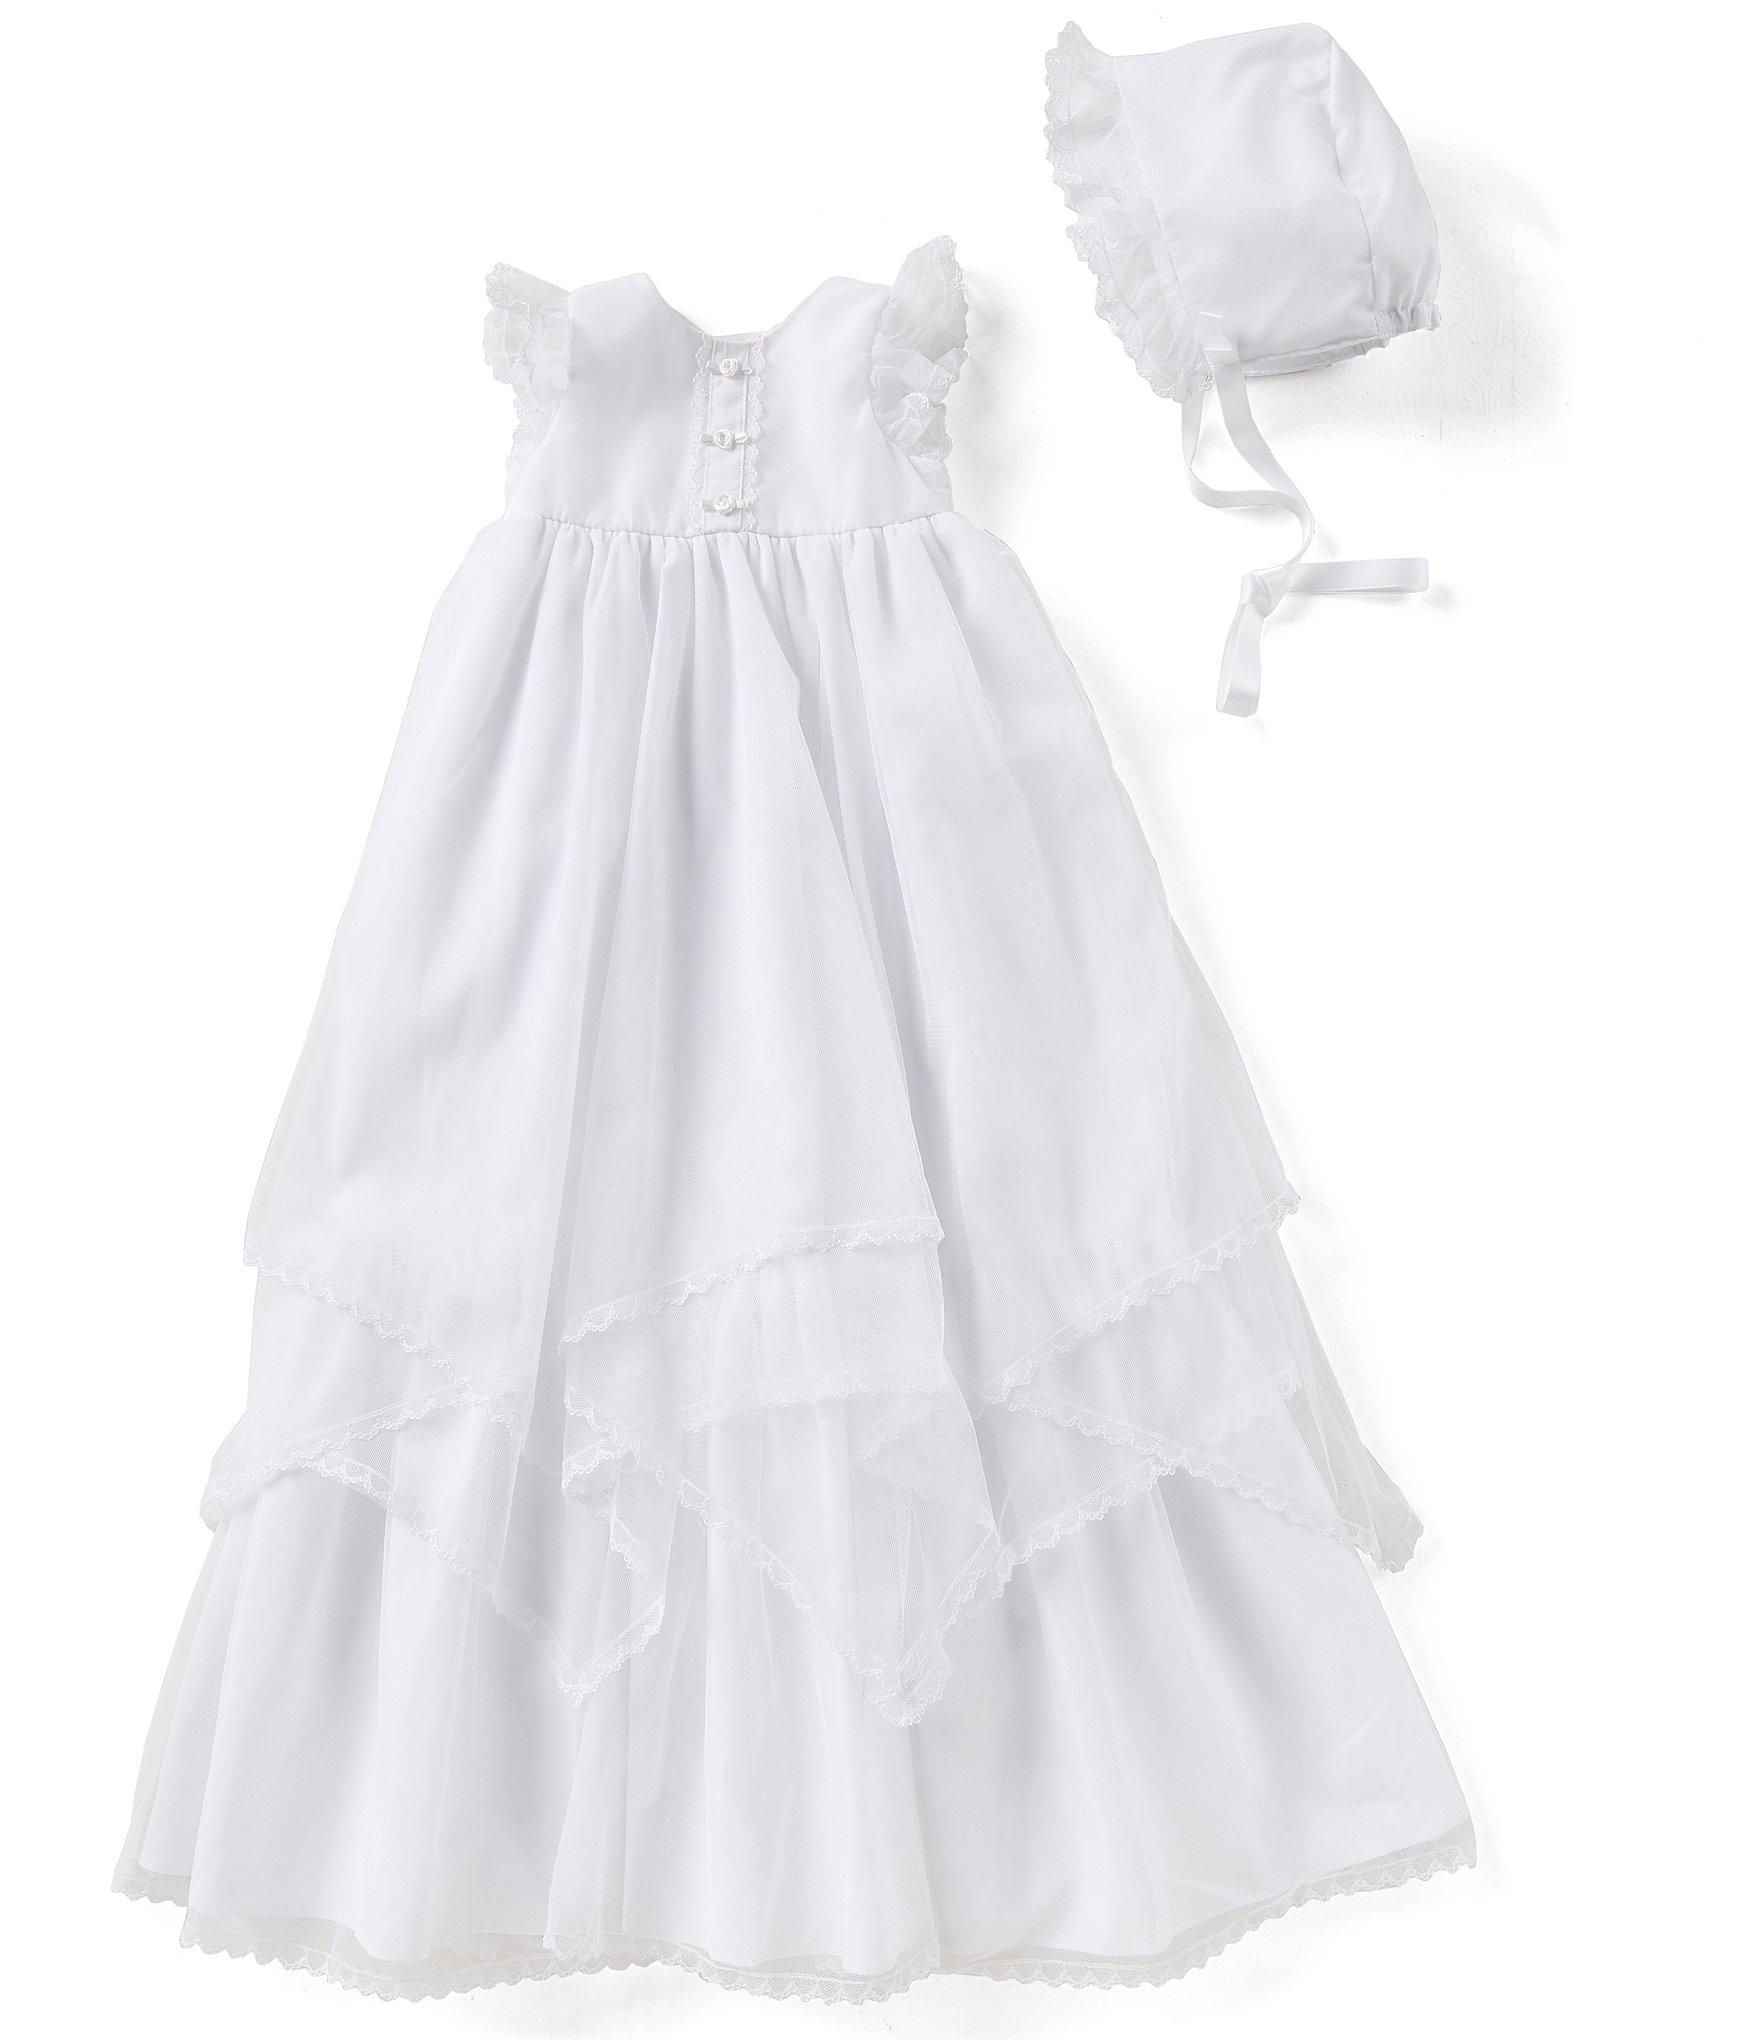 d1b3e2a660a0e Pippa & Julie Baby Girls Newborn-9 Months Tiered-Hem Christening Gown &  Bonnet Hat Set